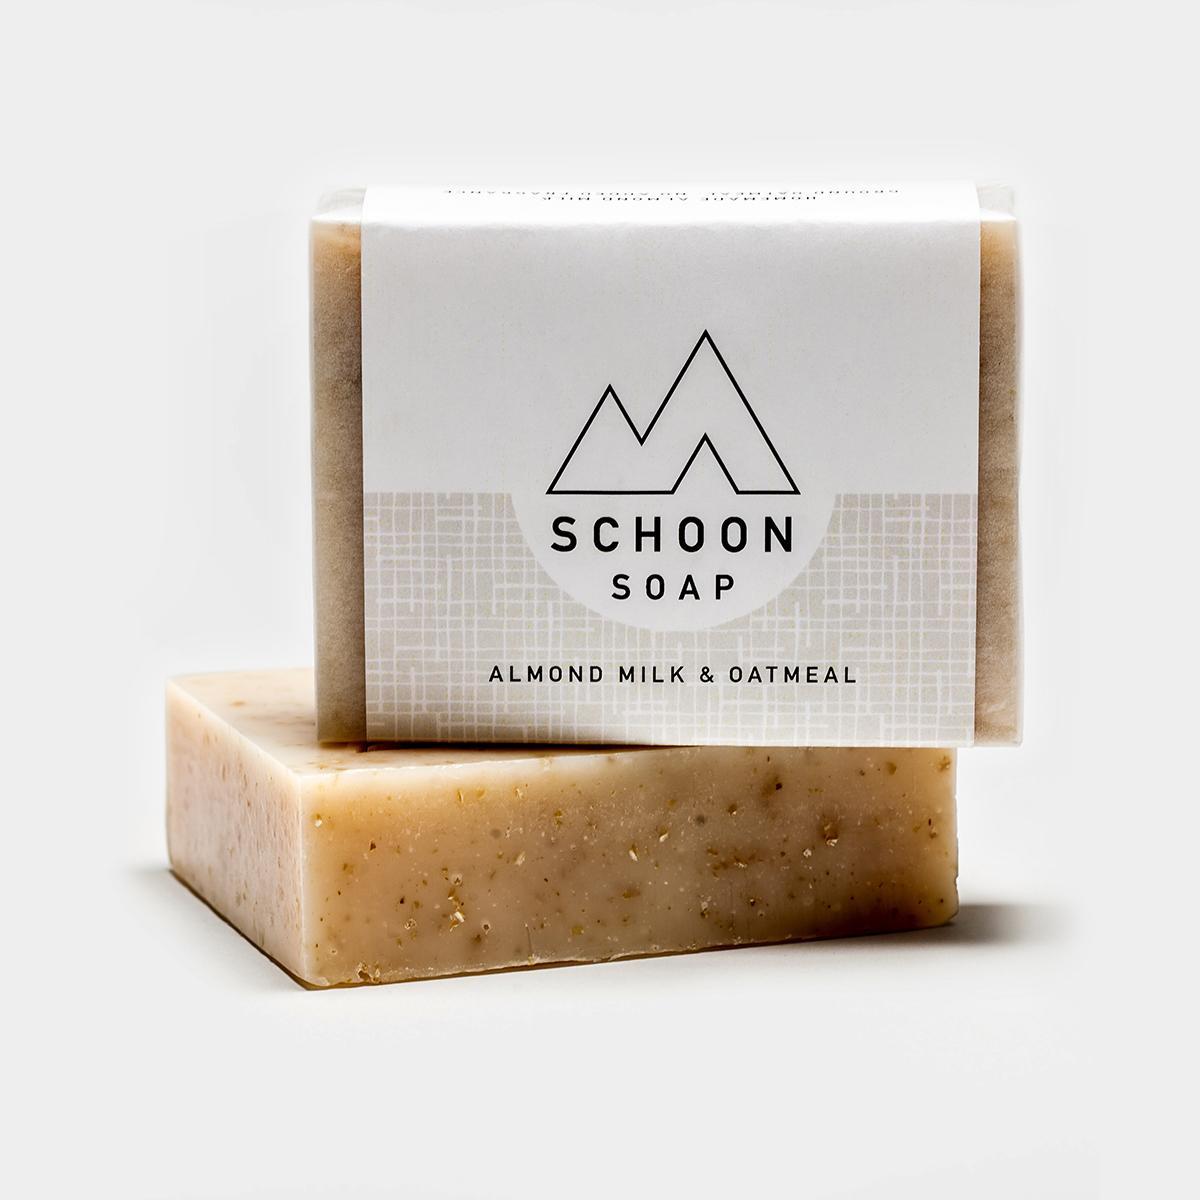 Schoon Soap - annadorfman.com